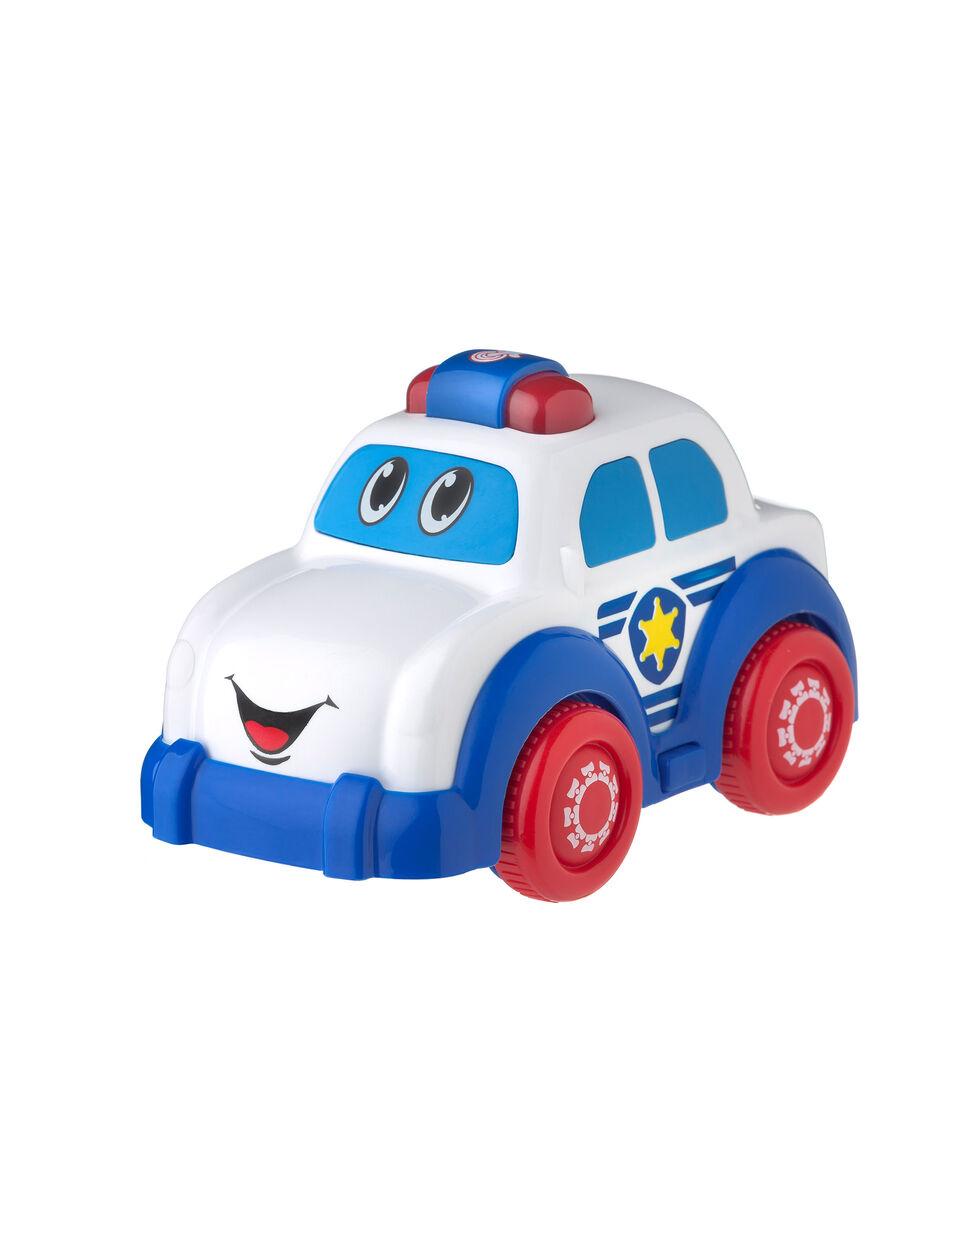 Carrinho de Polícia Playgro